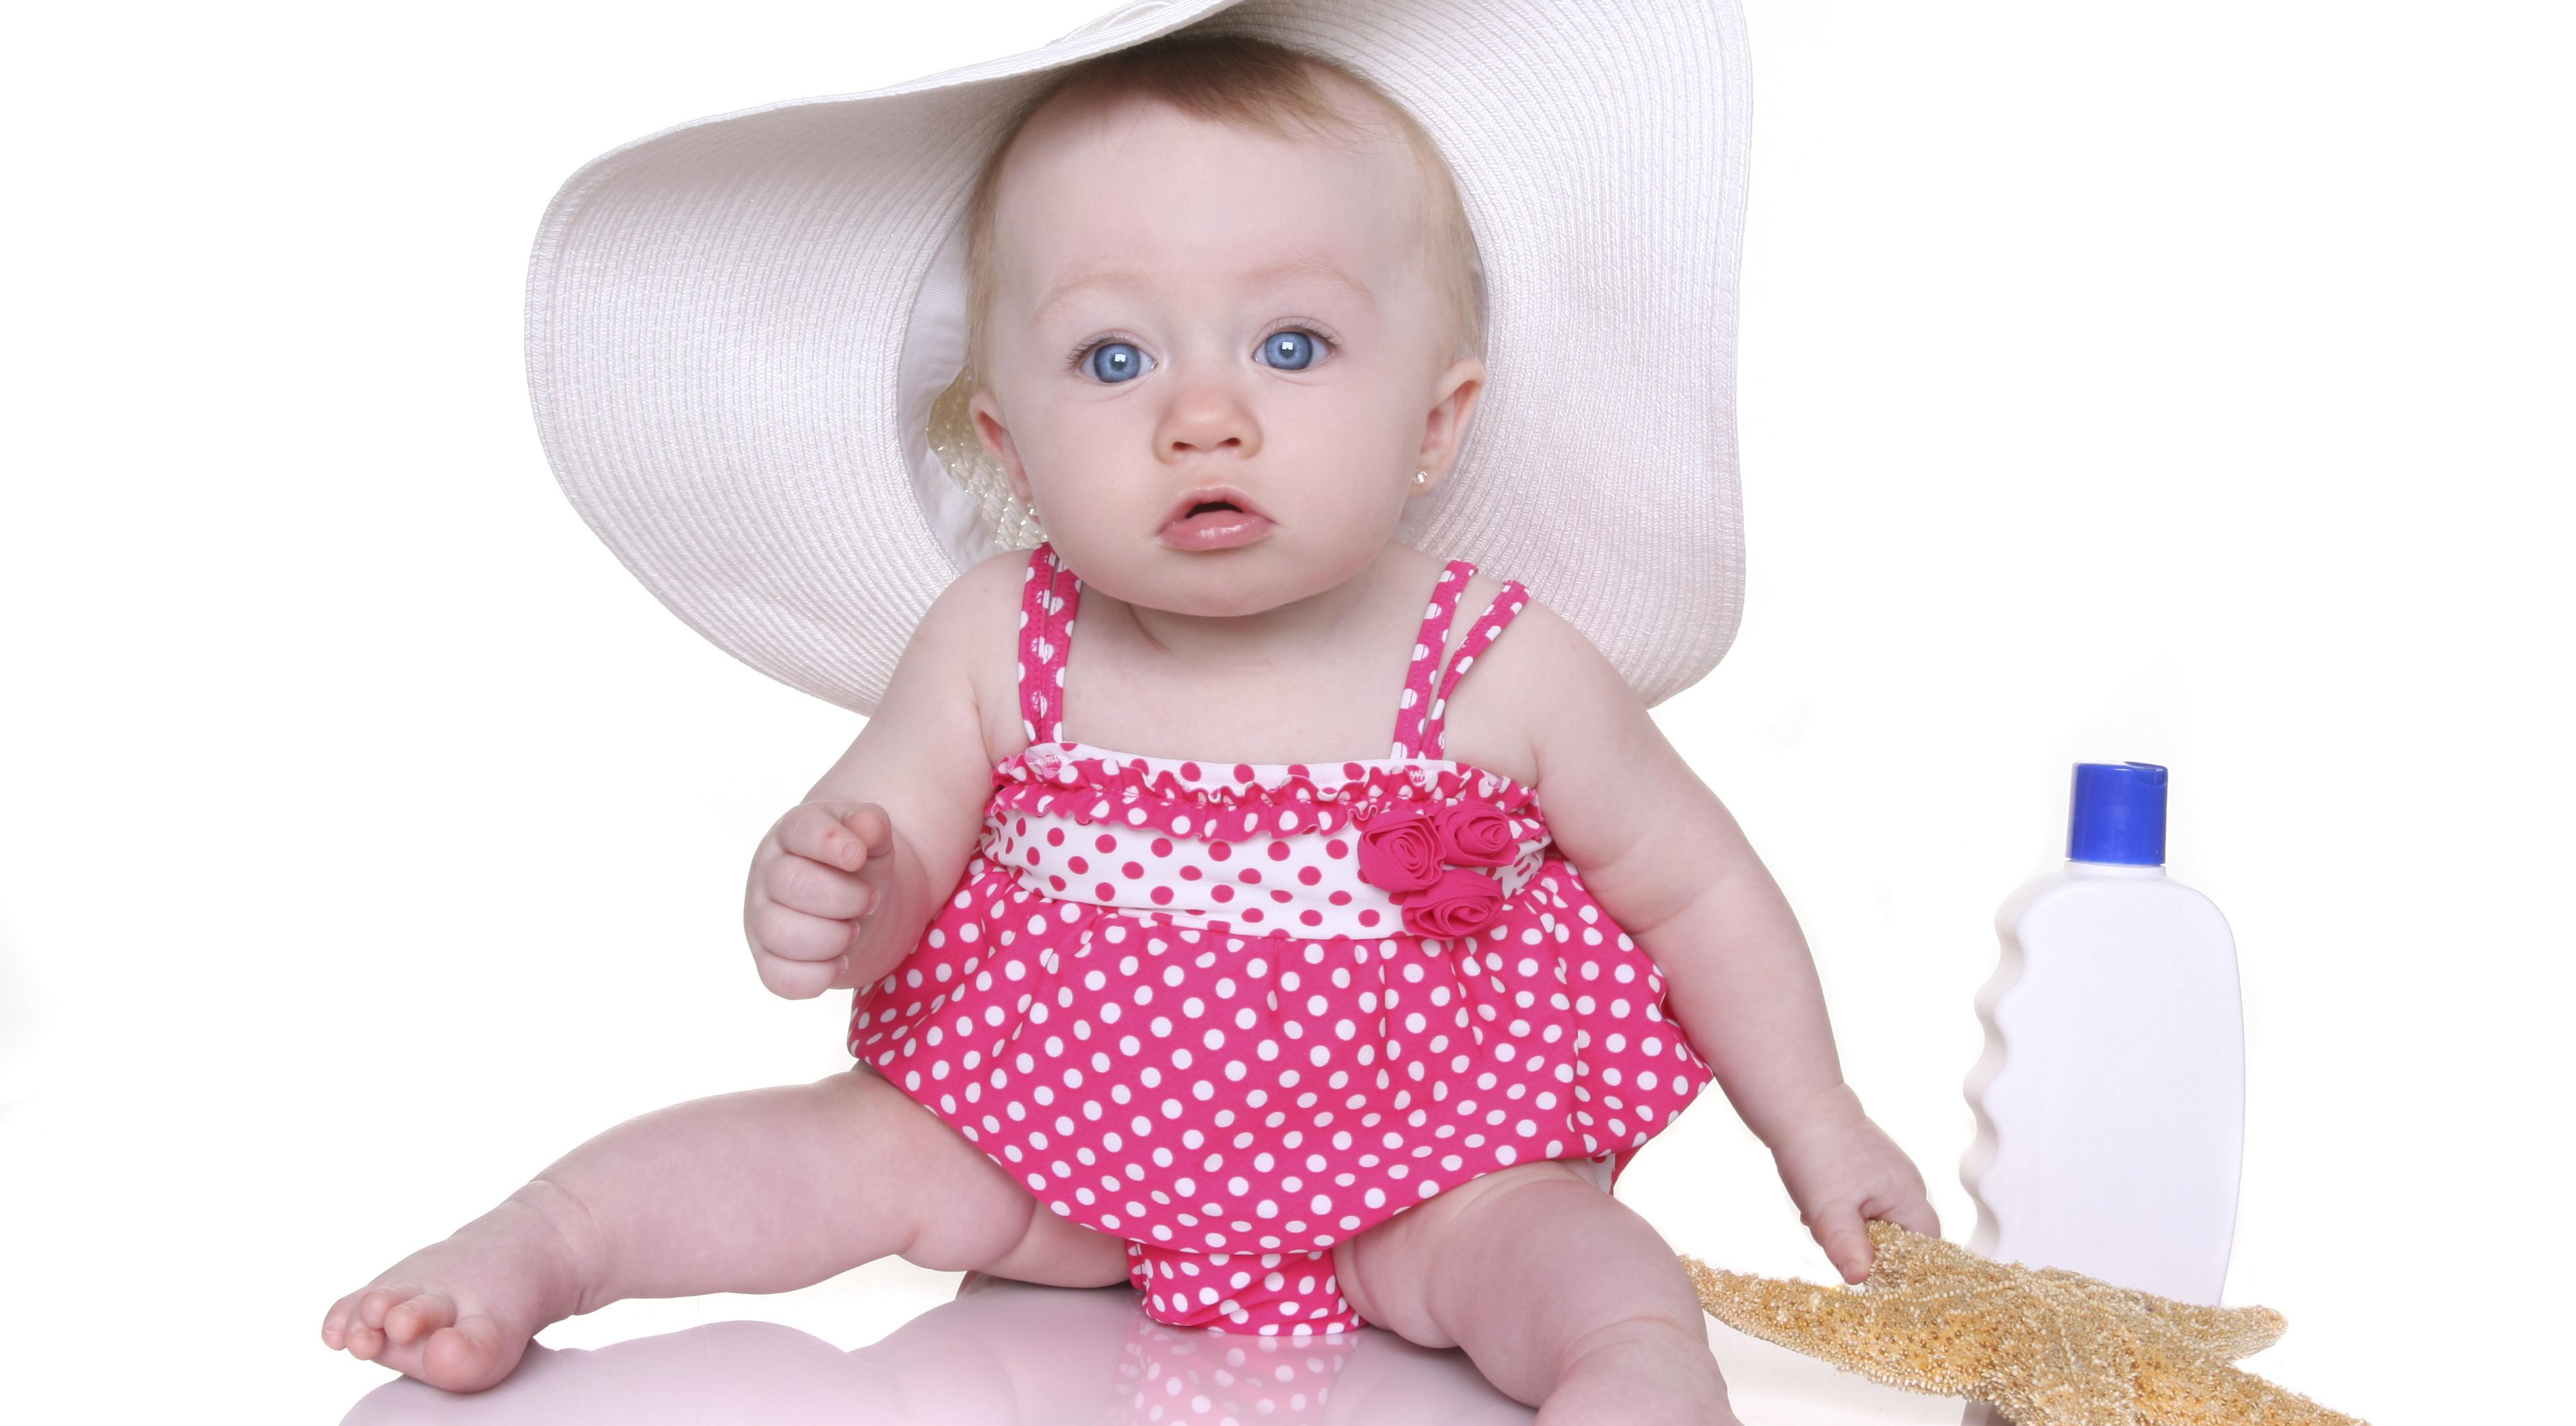 Baby mit riesigem Sonnenhut und rosa Badeanzug2